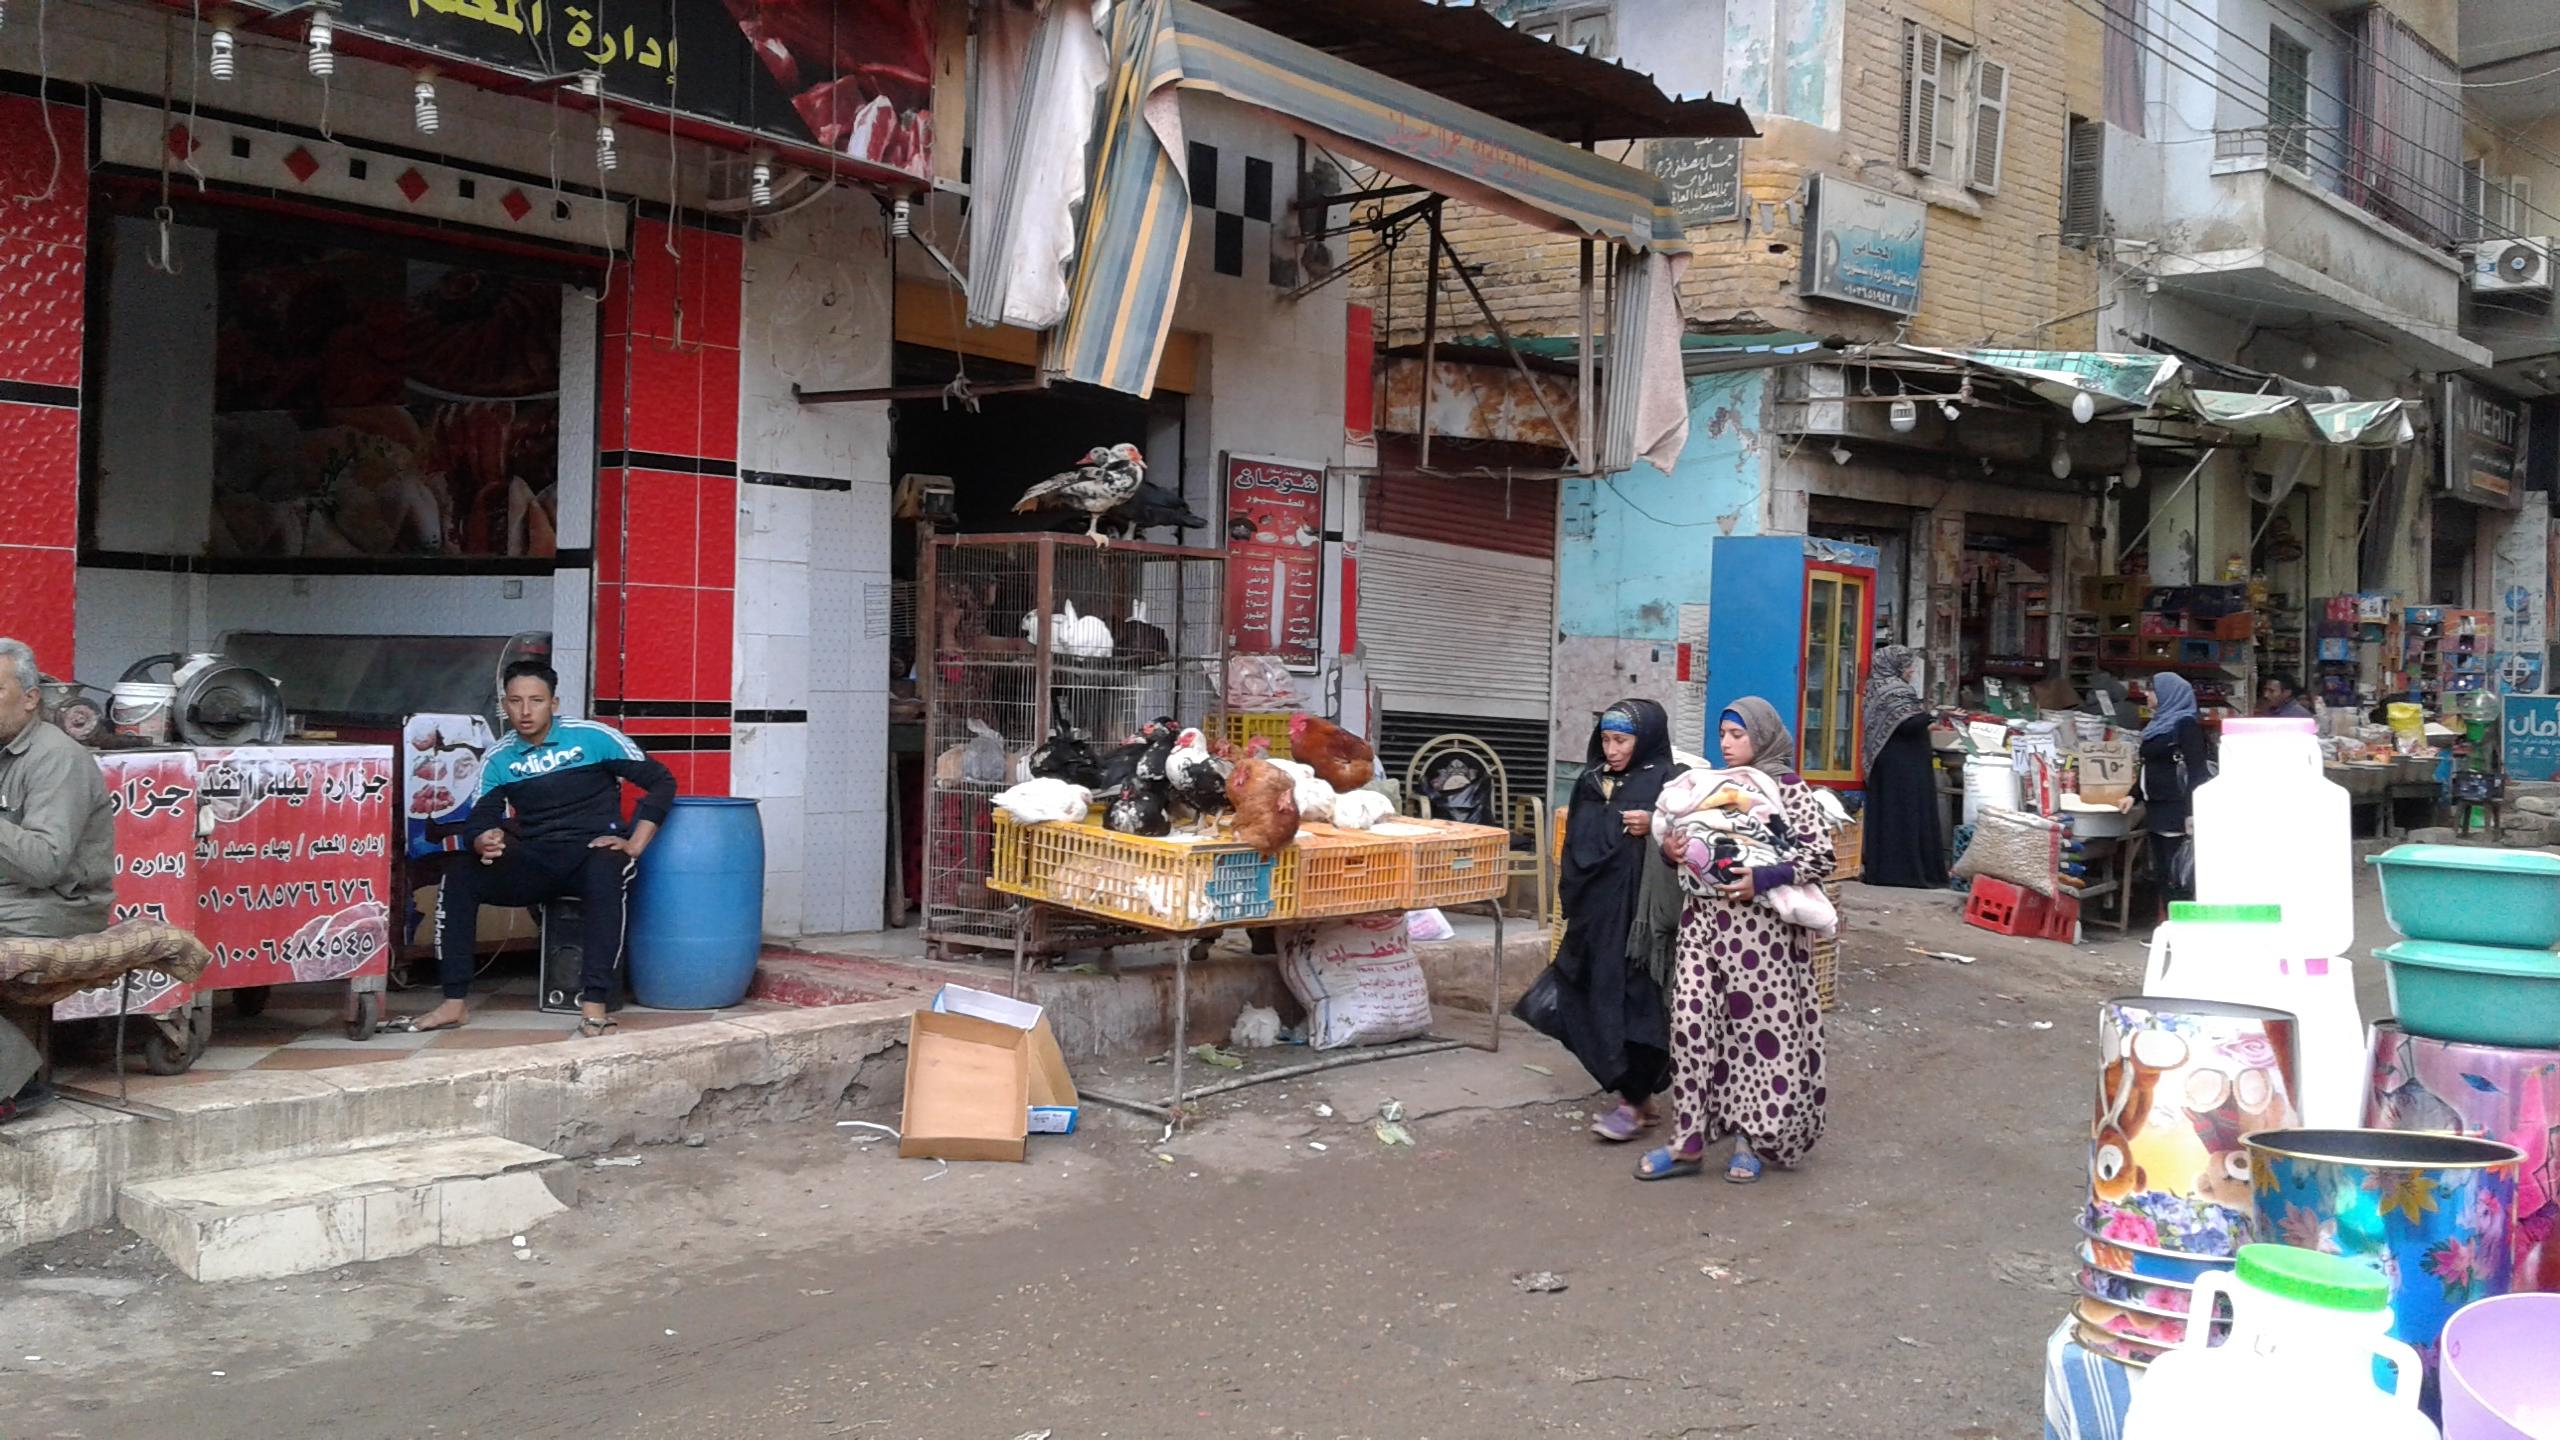 ذبح الطيور خارج المجازر ووسط الشوارع (6)